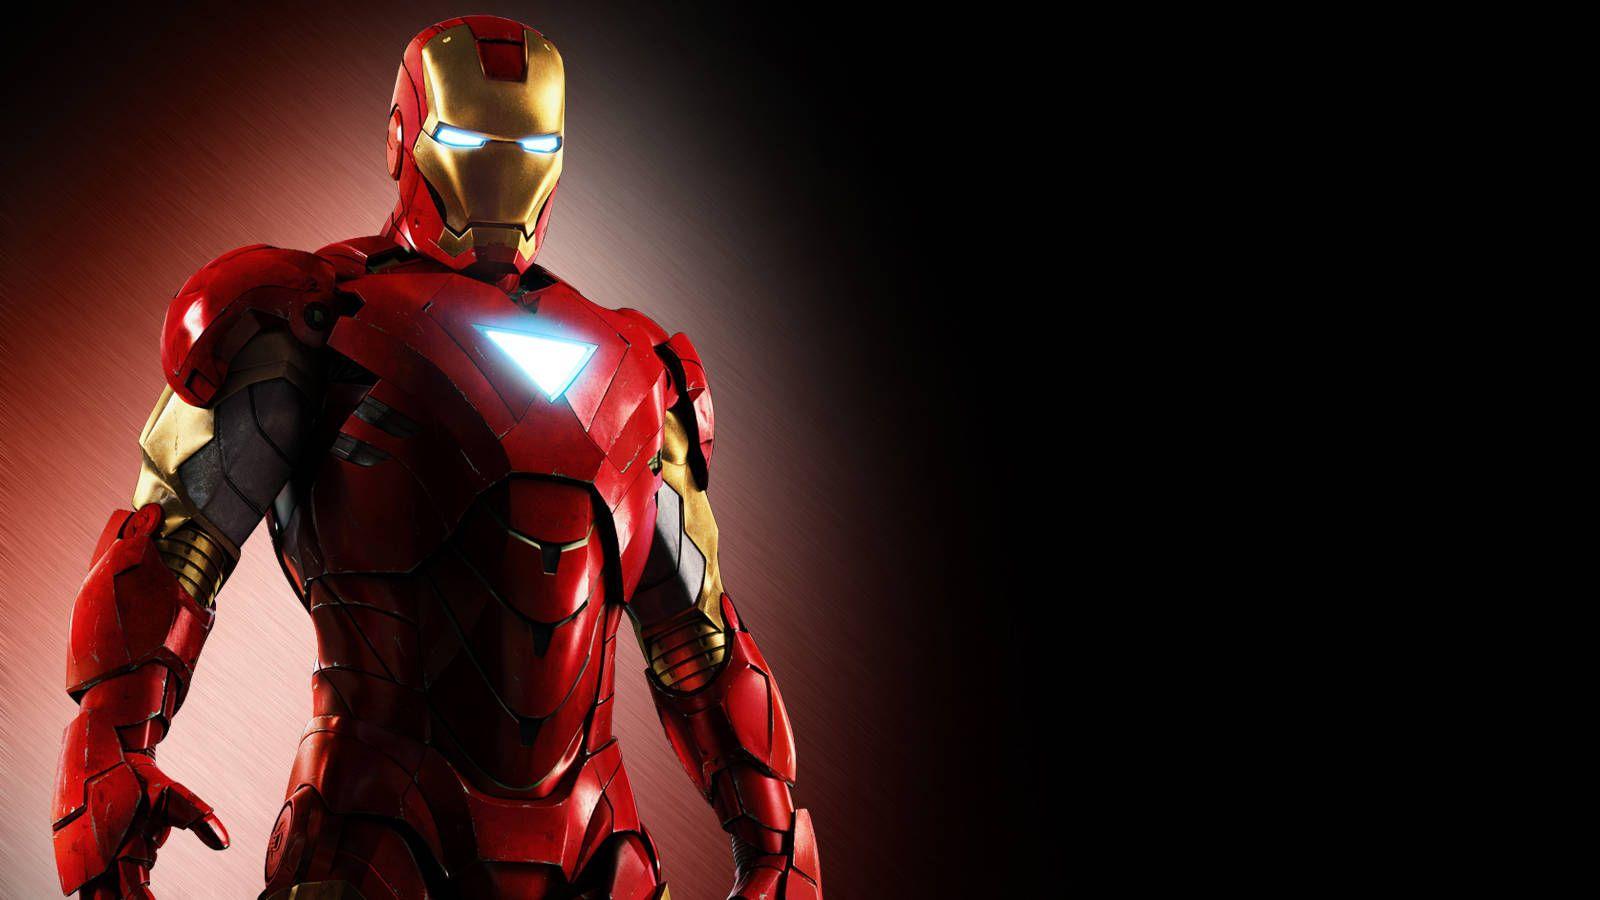 Iron Man 1600 900 Wallpaper 1117034 Sieu Anh Hung Người Sắt Hinh Nền